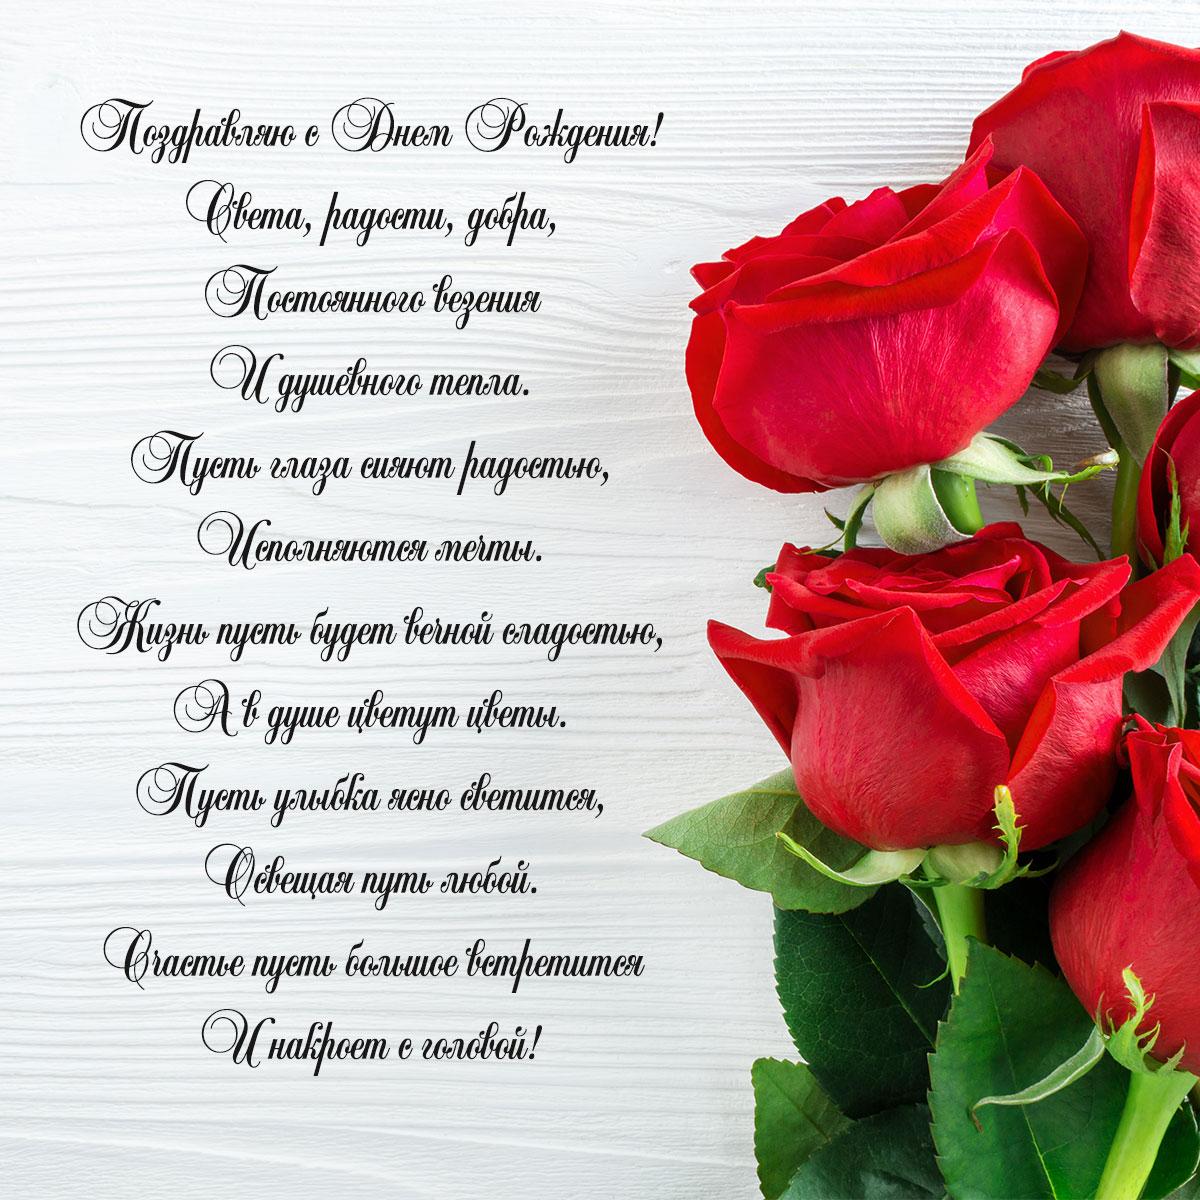 Фото с текстом поздравления с днем рождения каллиграфическим почерком с красными розами.